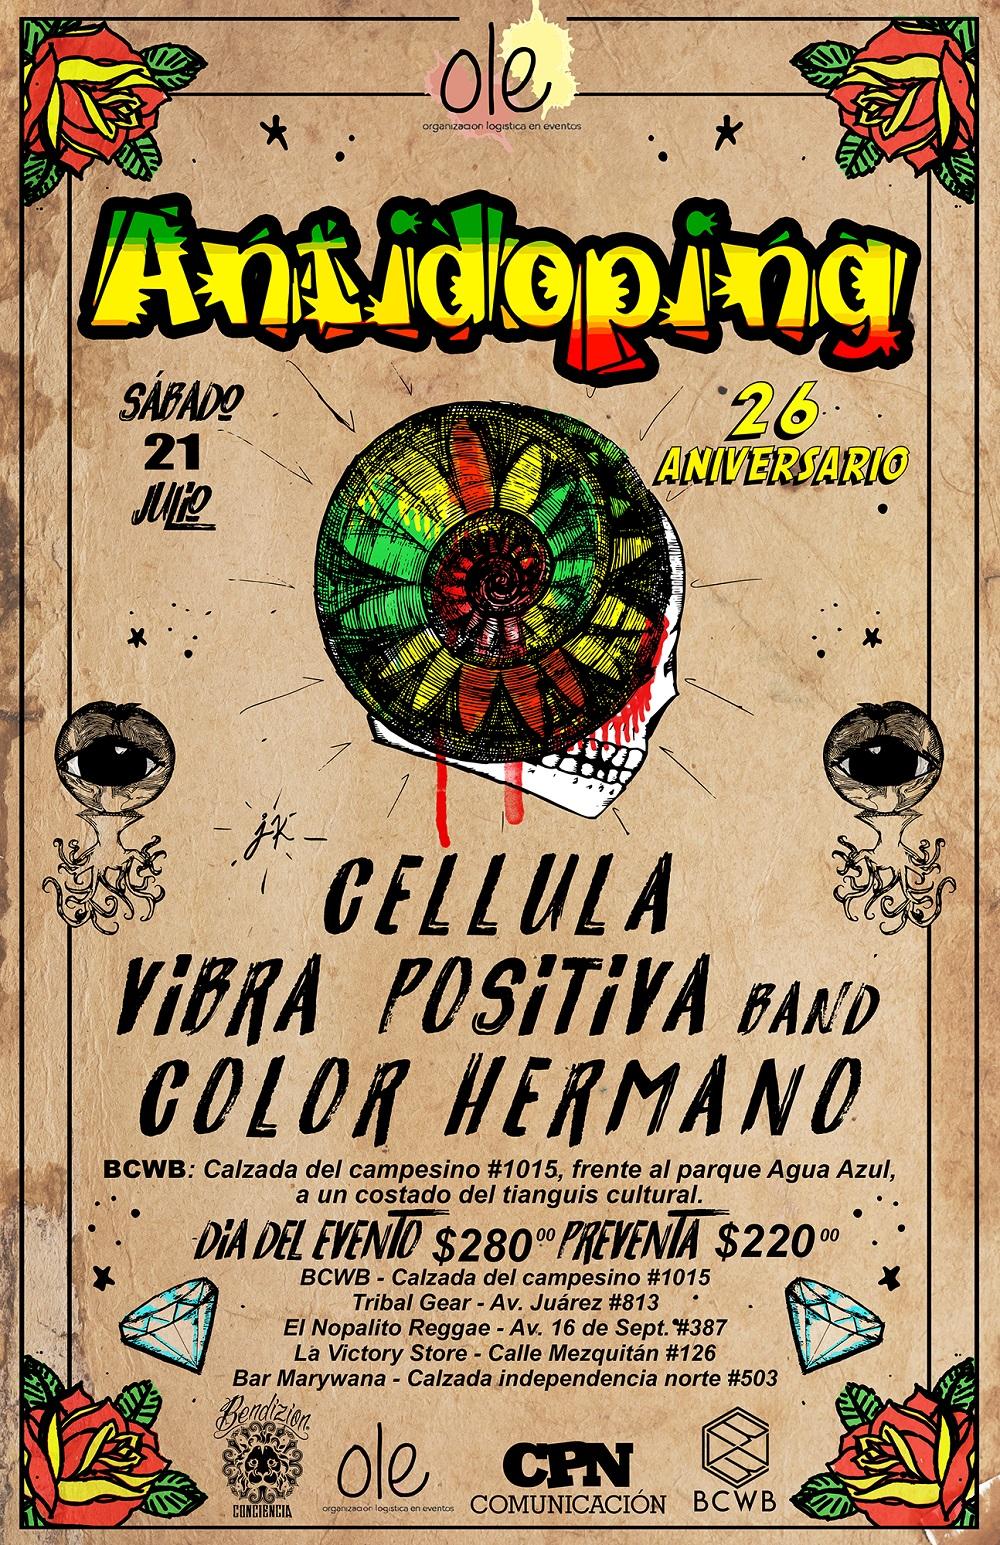 ANTIDOPING, 26 Aniversario en Guadalajara / Bodega Cultural Water Blue